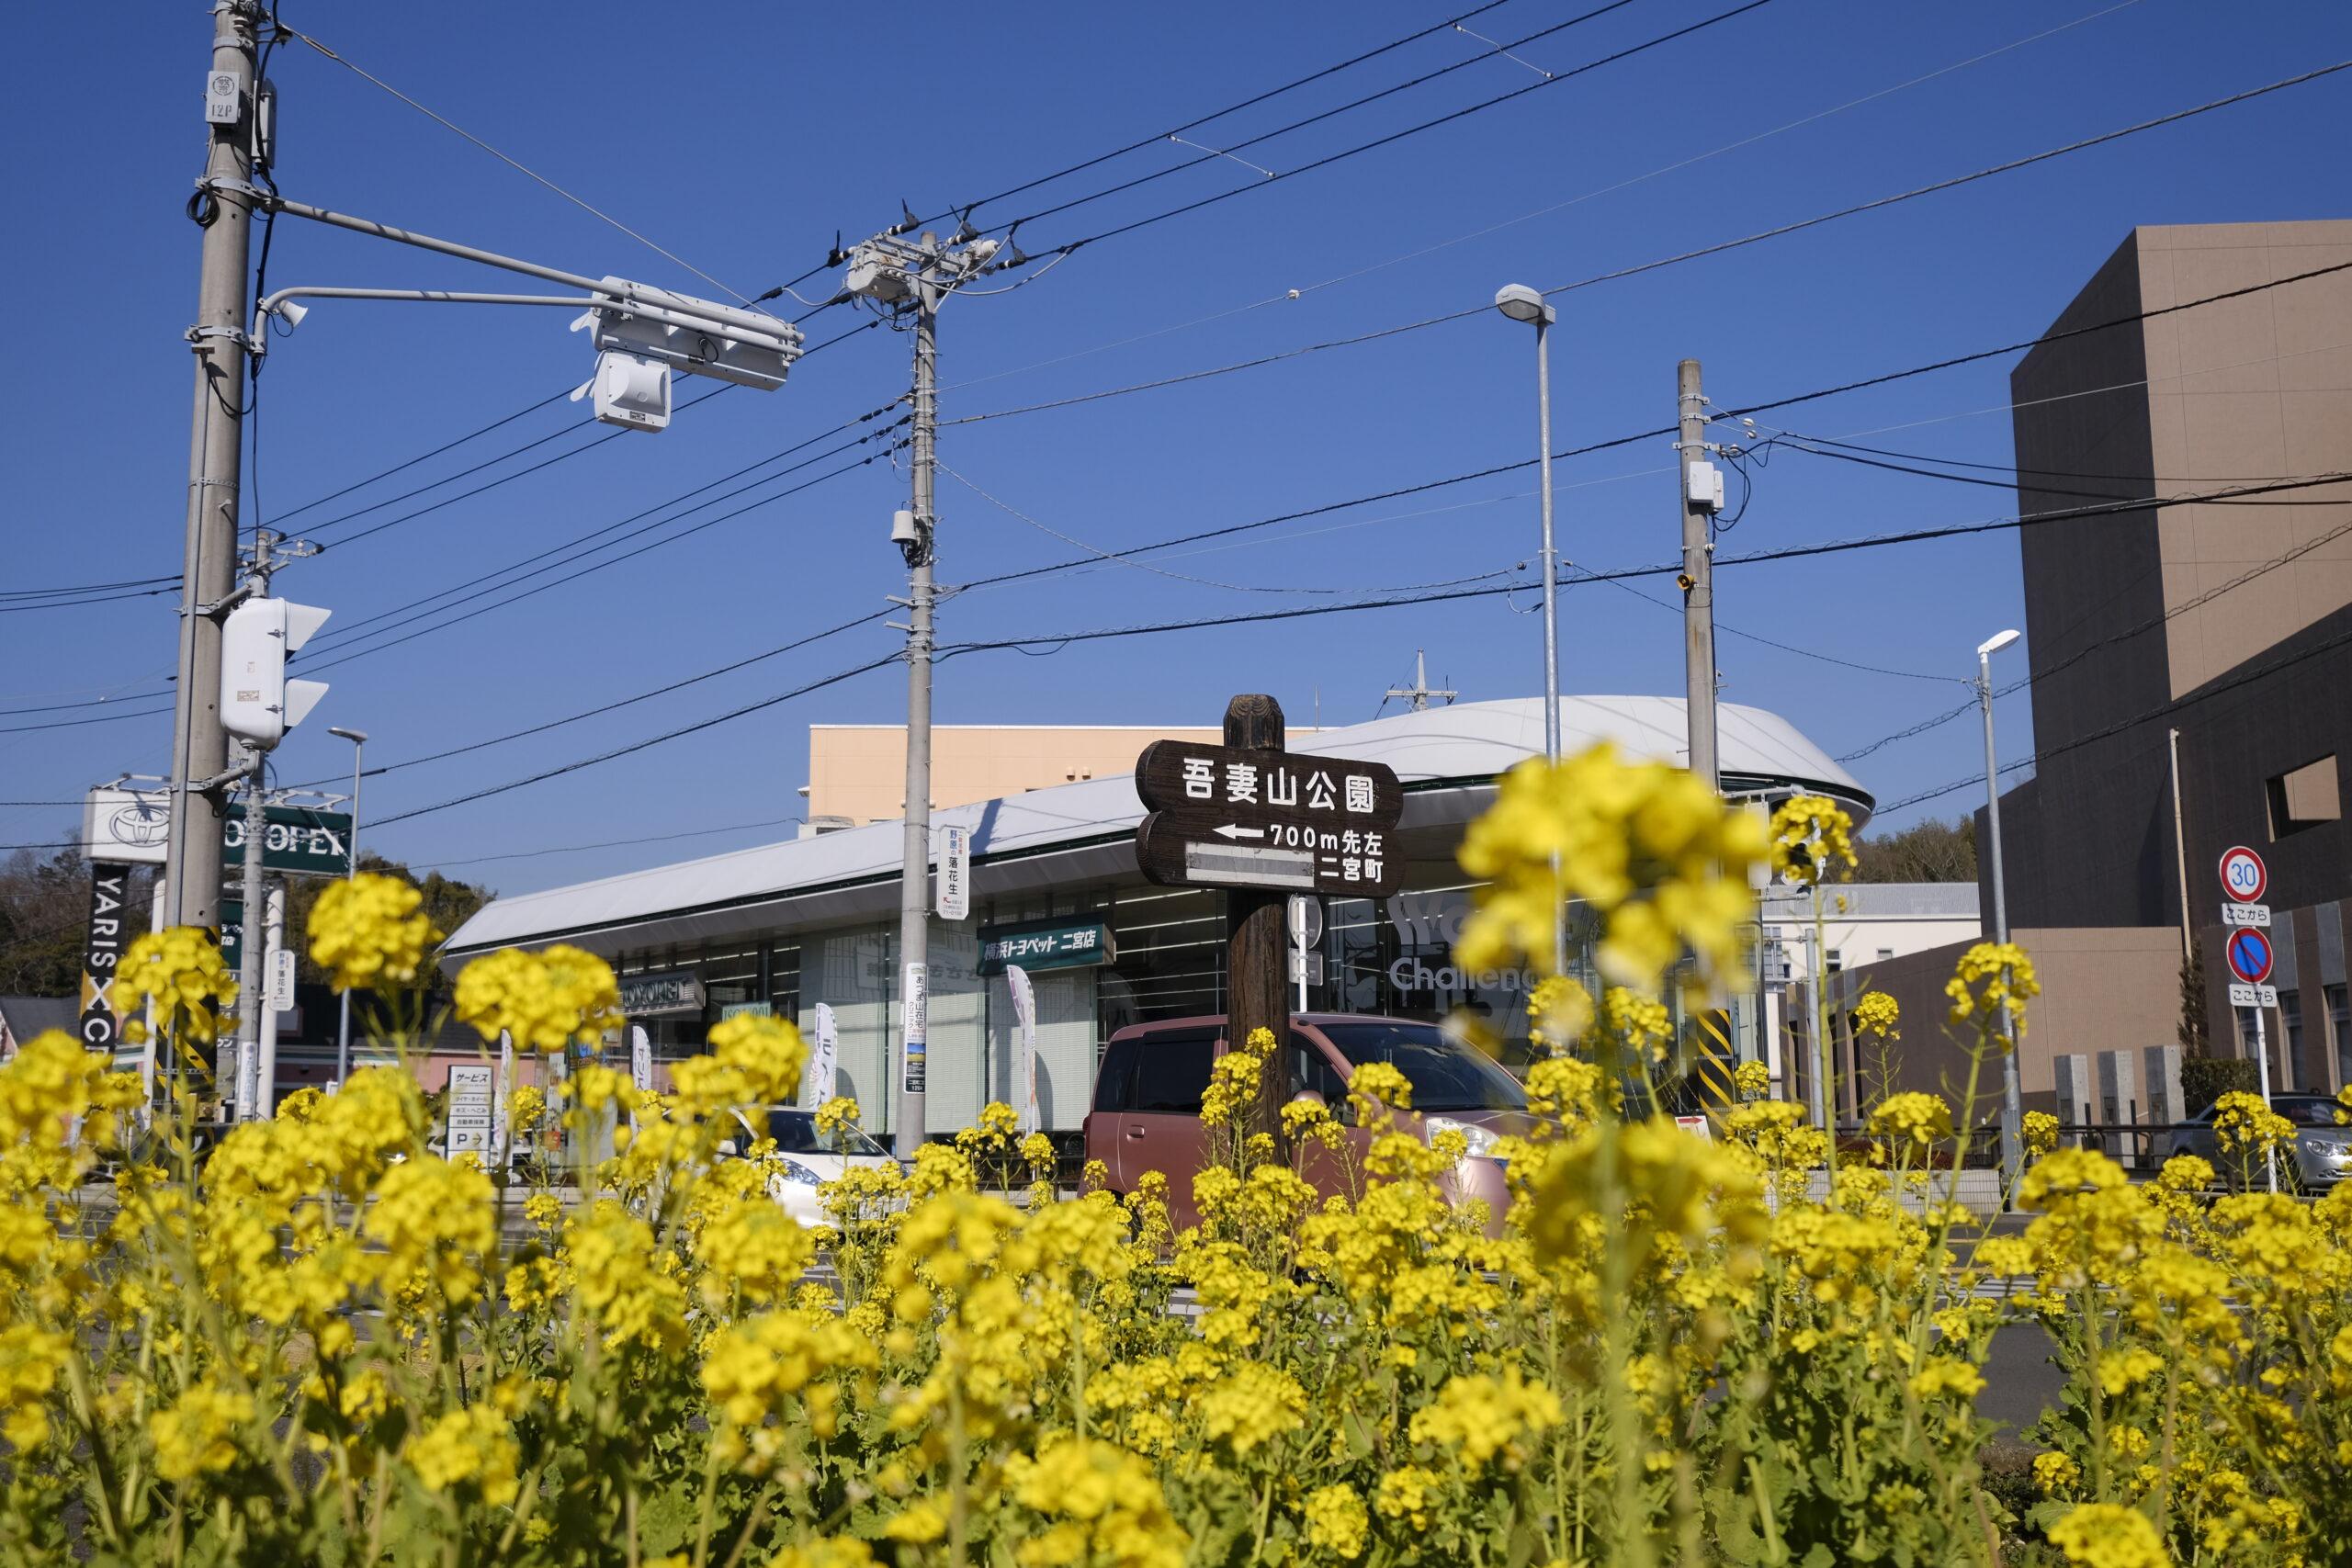 二宮駅からすぐの案内板の写真